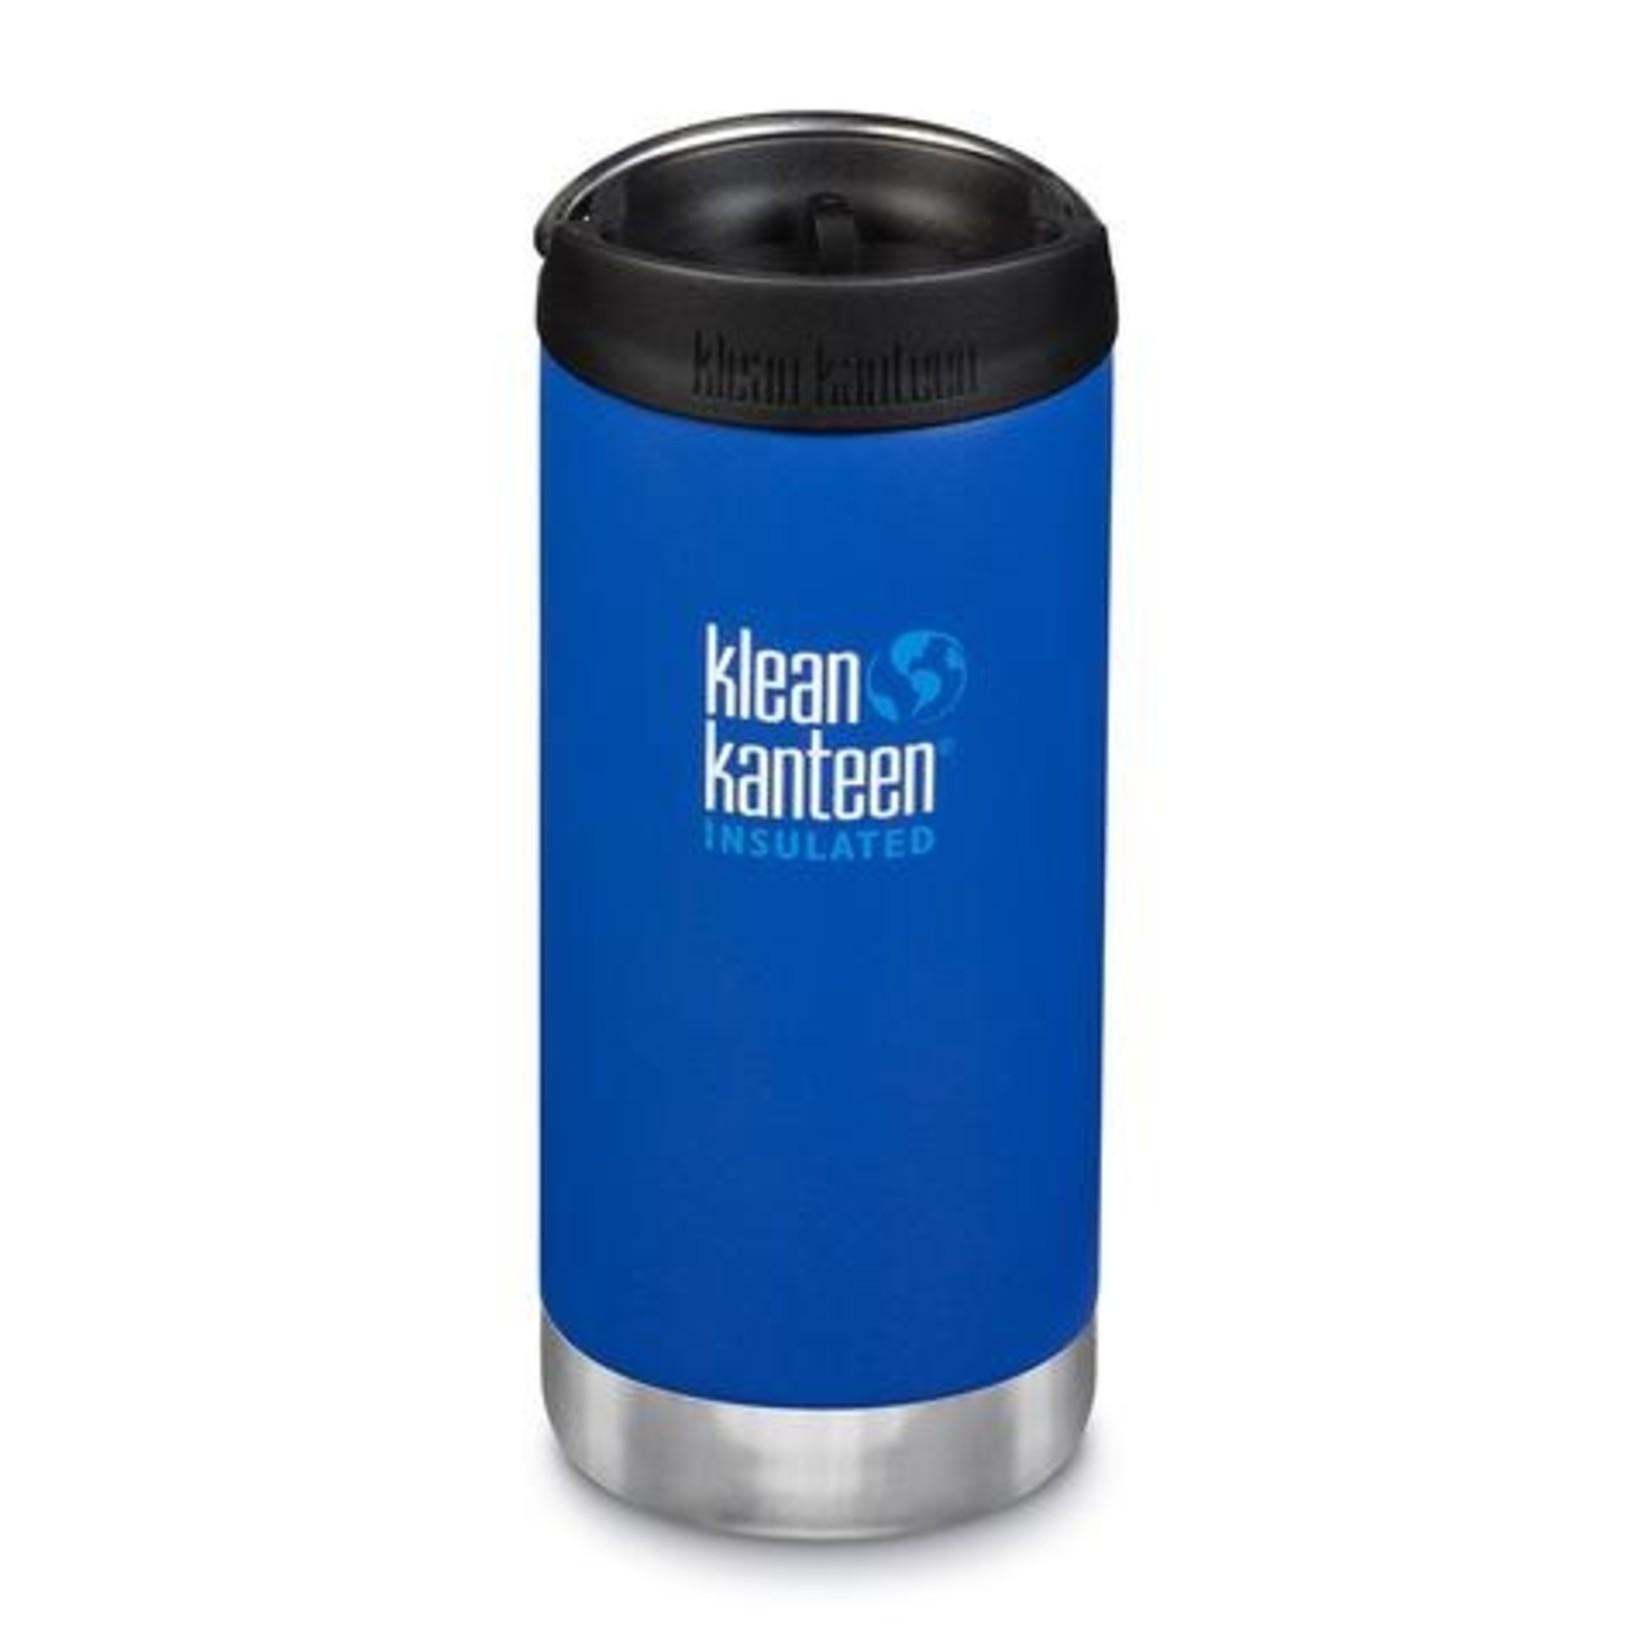 Klean Kanteen Klean Kanteen, Insulated TKWide 16oz (473ml)